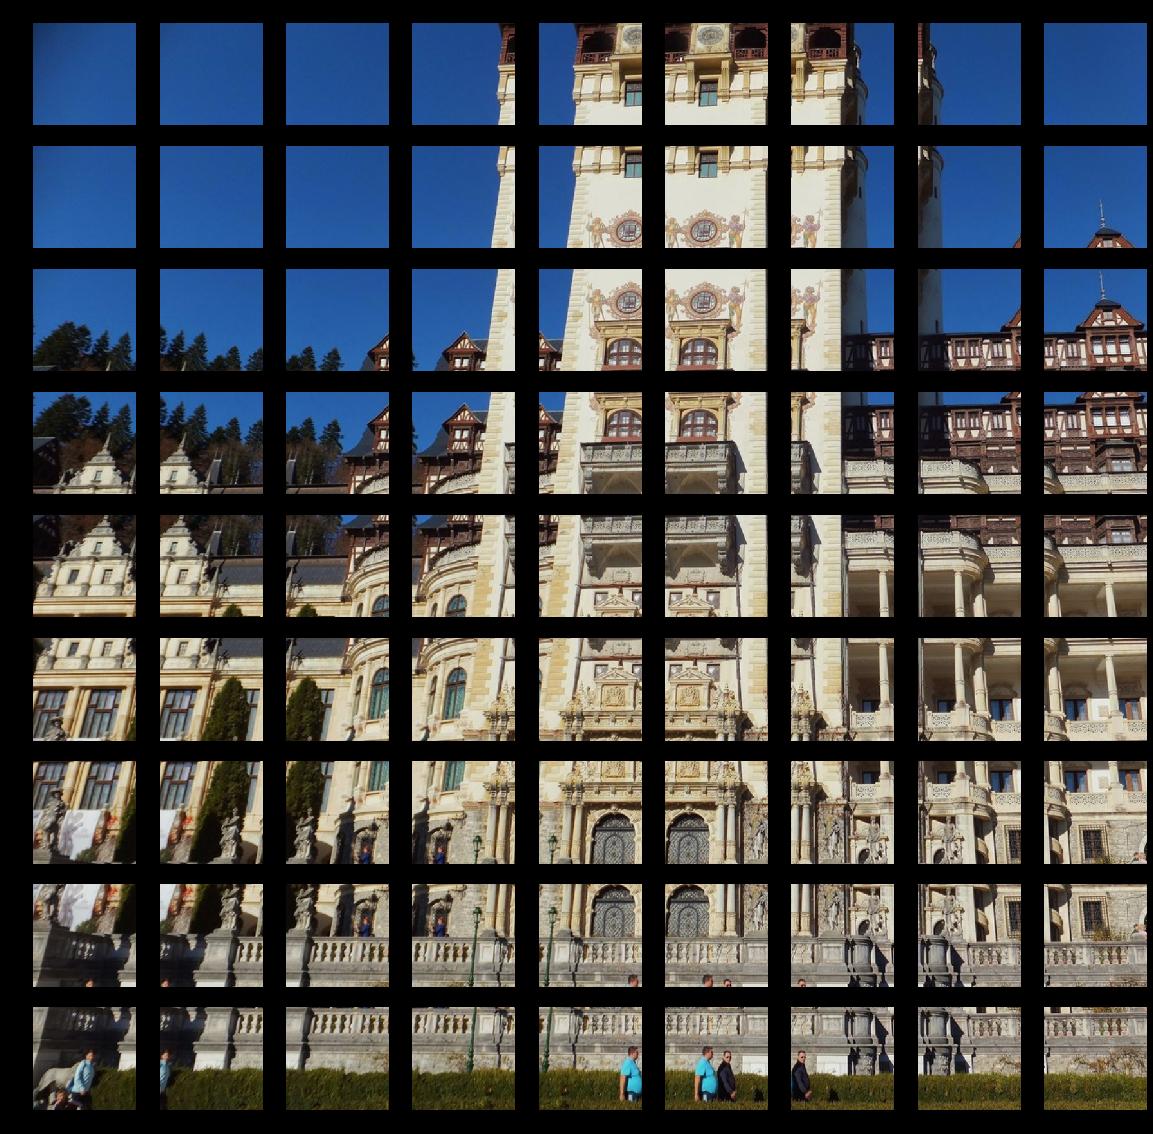 Как Алиса узнаёт страны по фотографиям. Исследование Яндекса - 14